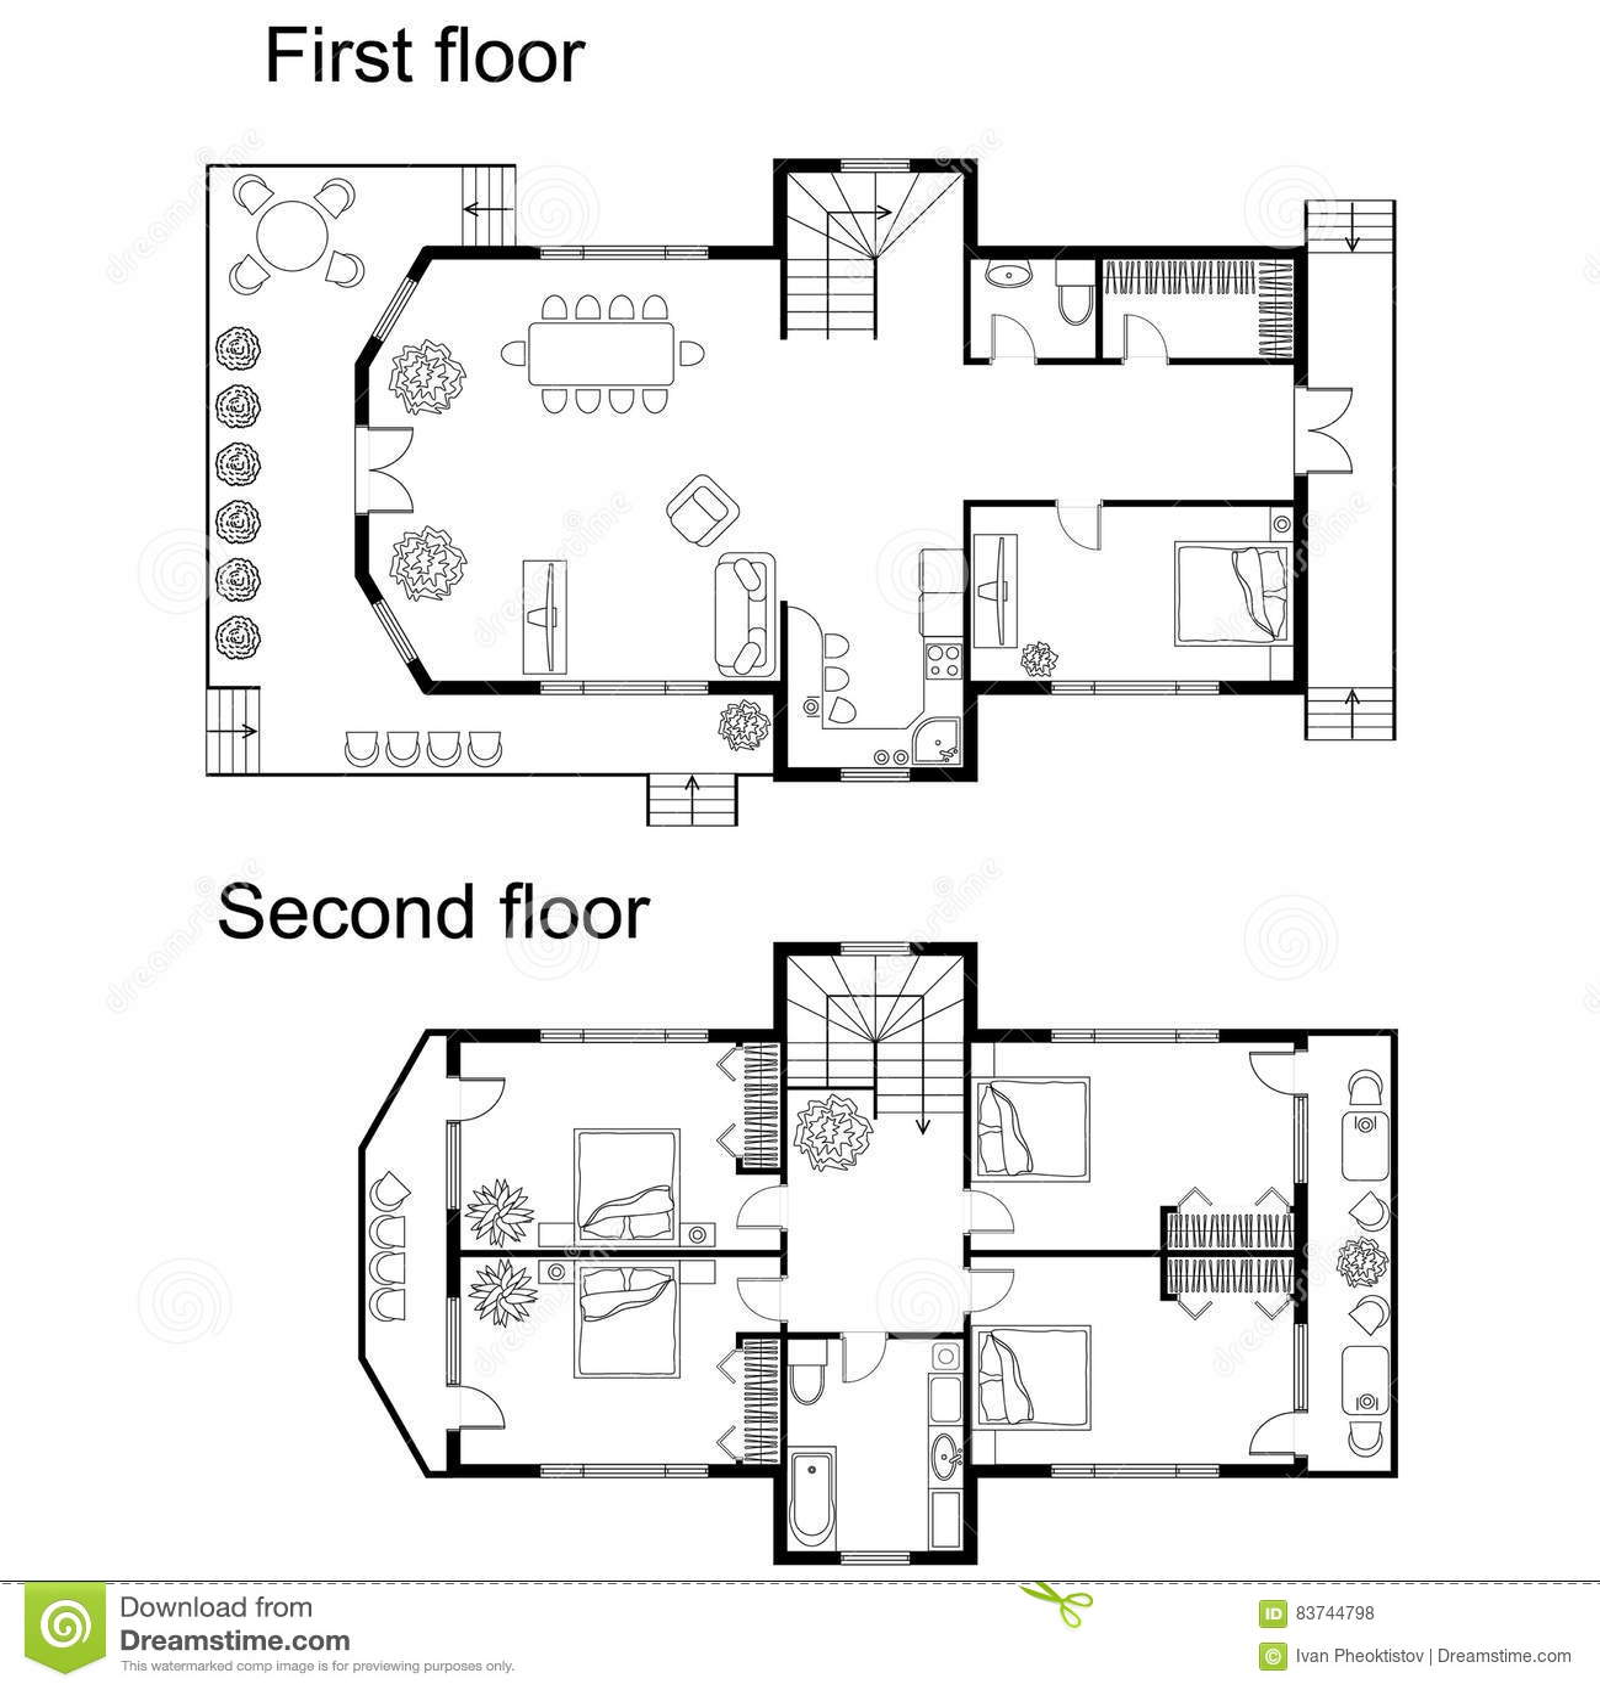 Plan architectural d une maison maison moderne - Plan architecturale de maison ...